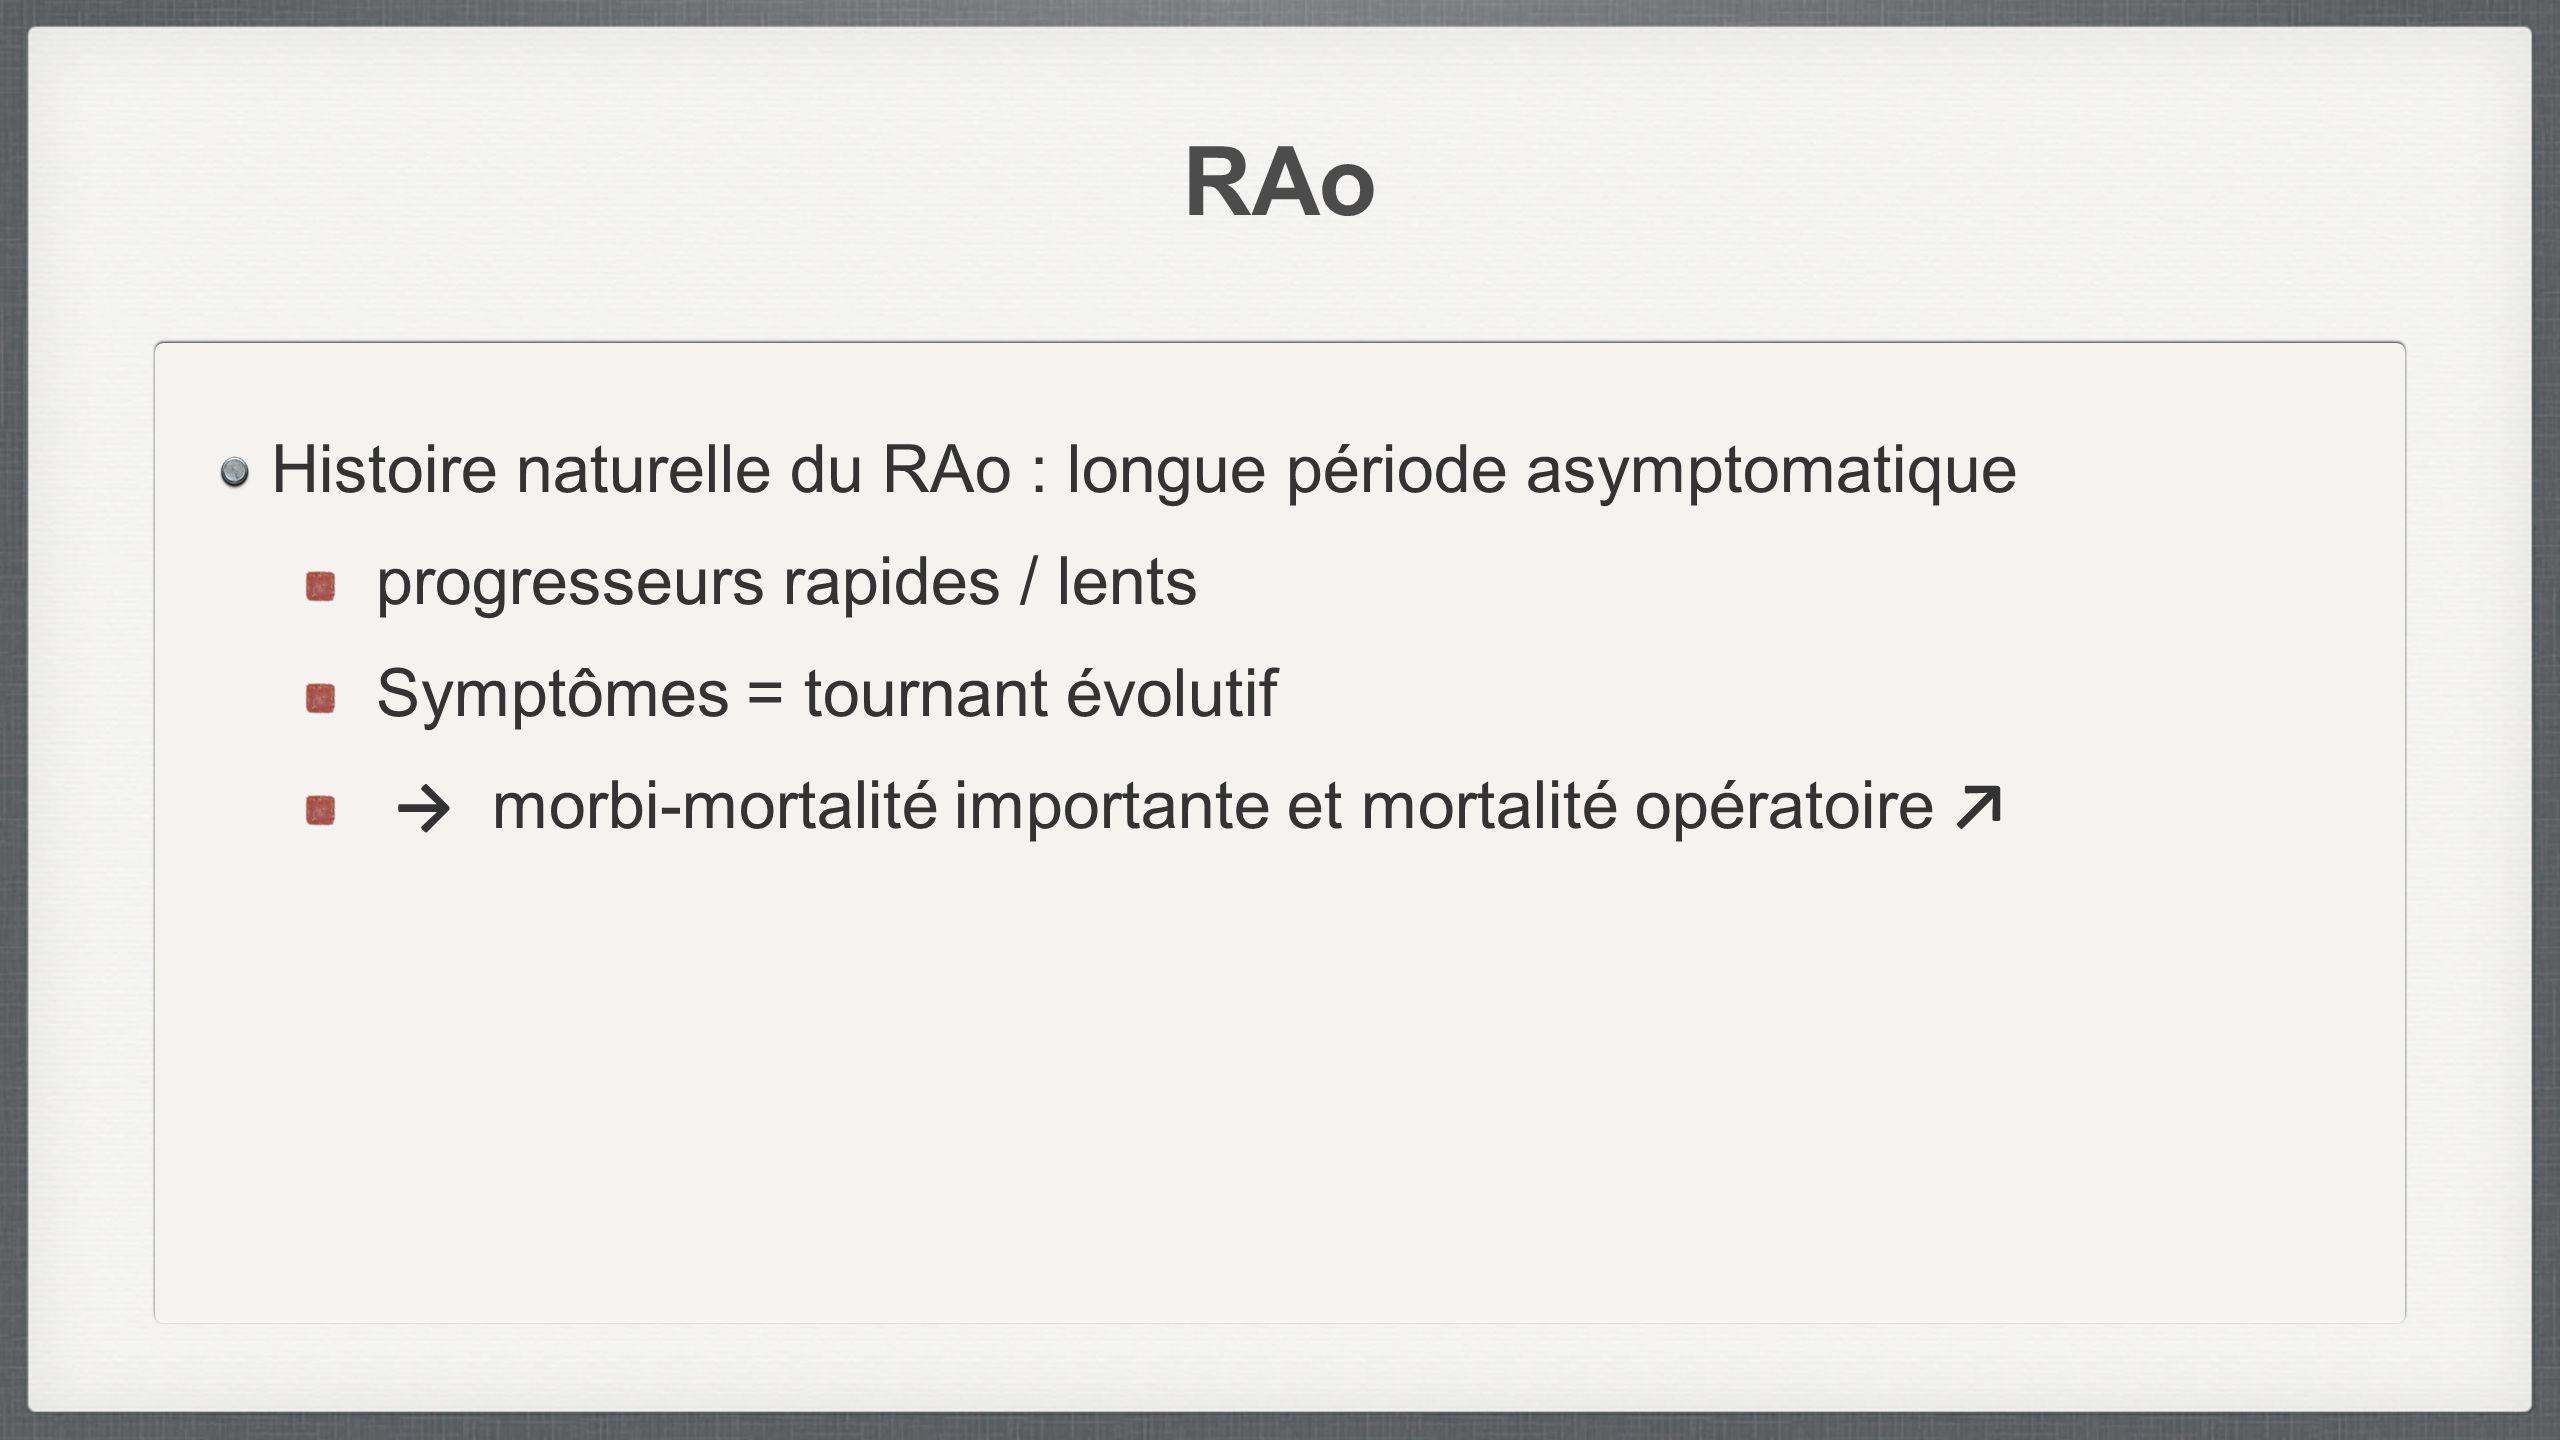 Histoire naturelle du RAo : longue période asymptomatique progresseurs rapides / lents Symptômes = tournant évolutif morbi-mortalité importante et mor